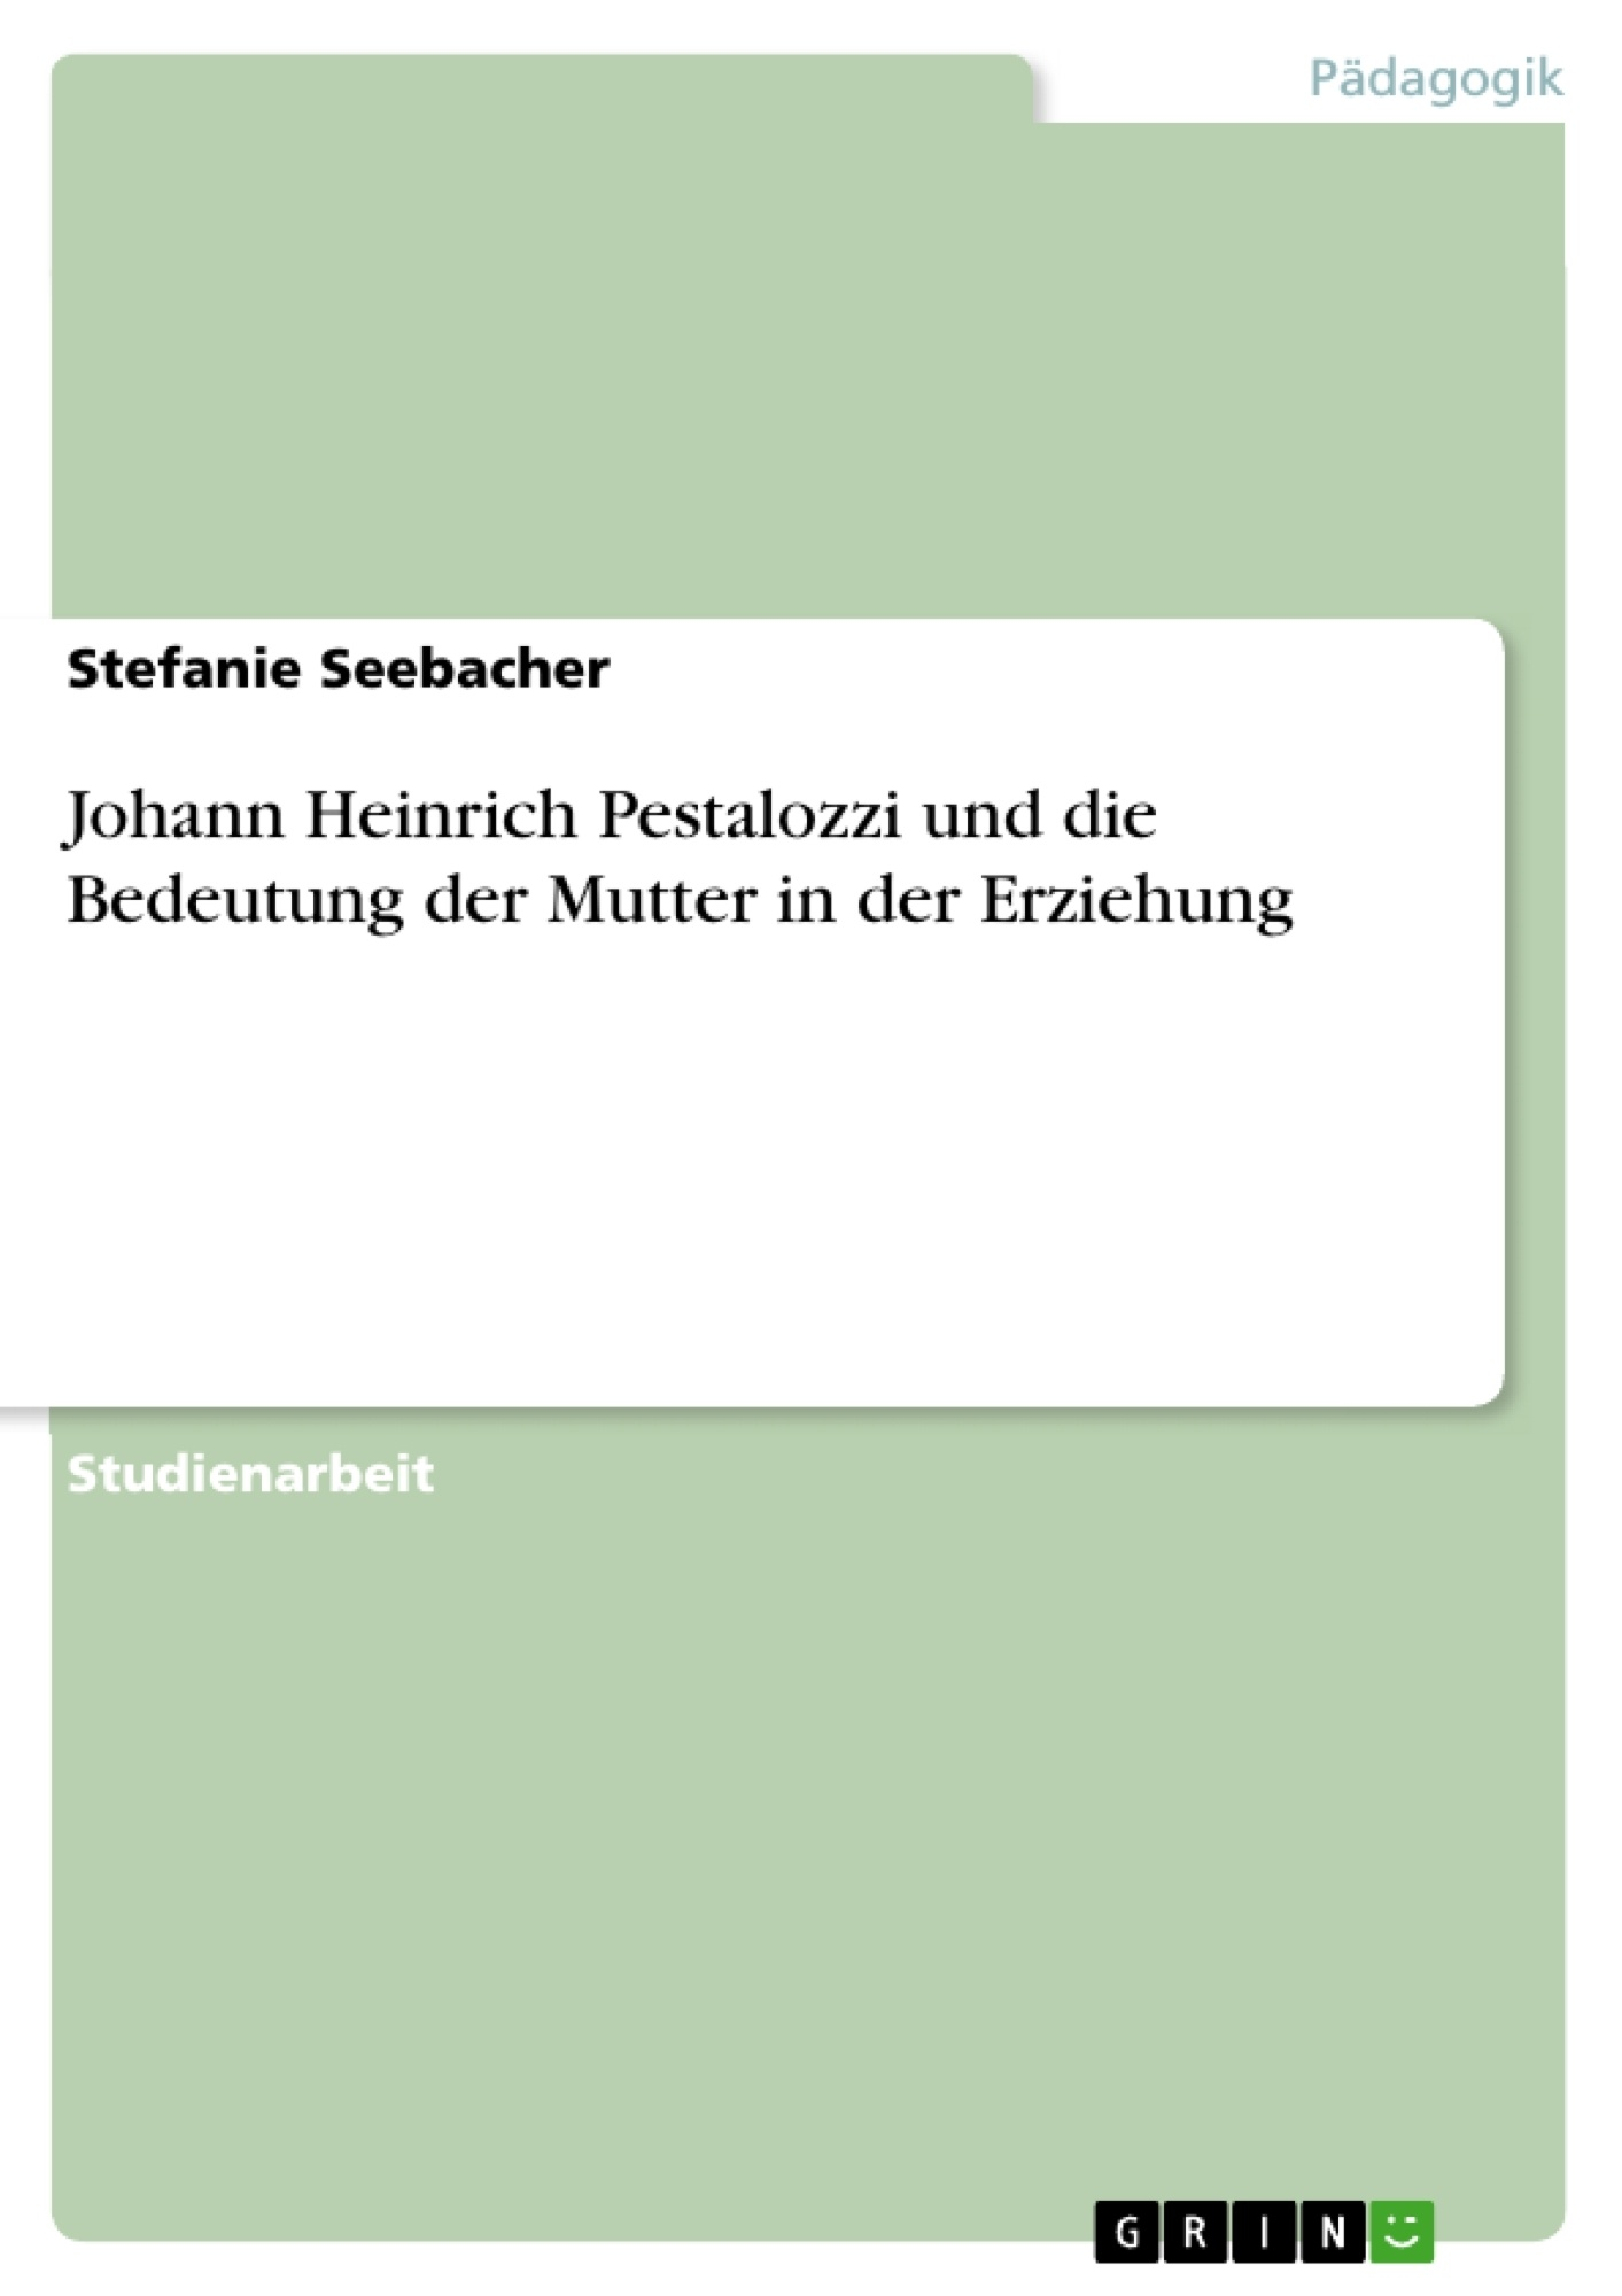 Titel: Johann Heinrich Pestalozzi und die Bedeutung der Mutter in der Erziehung